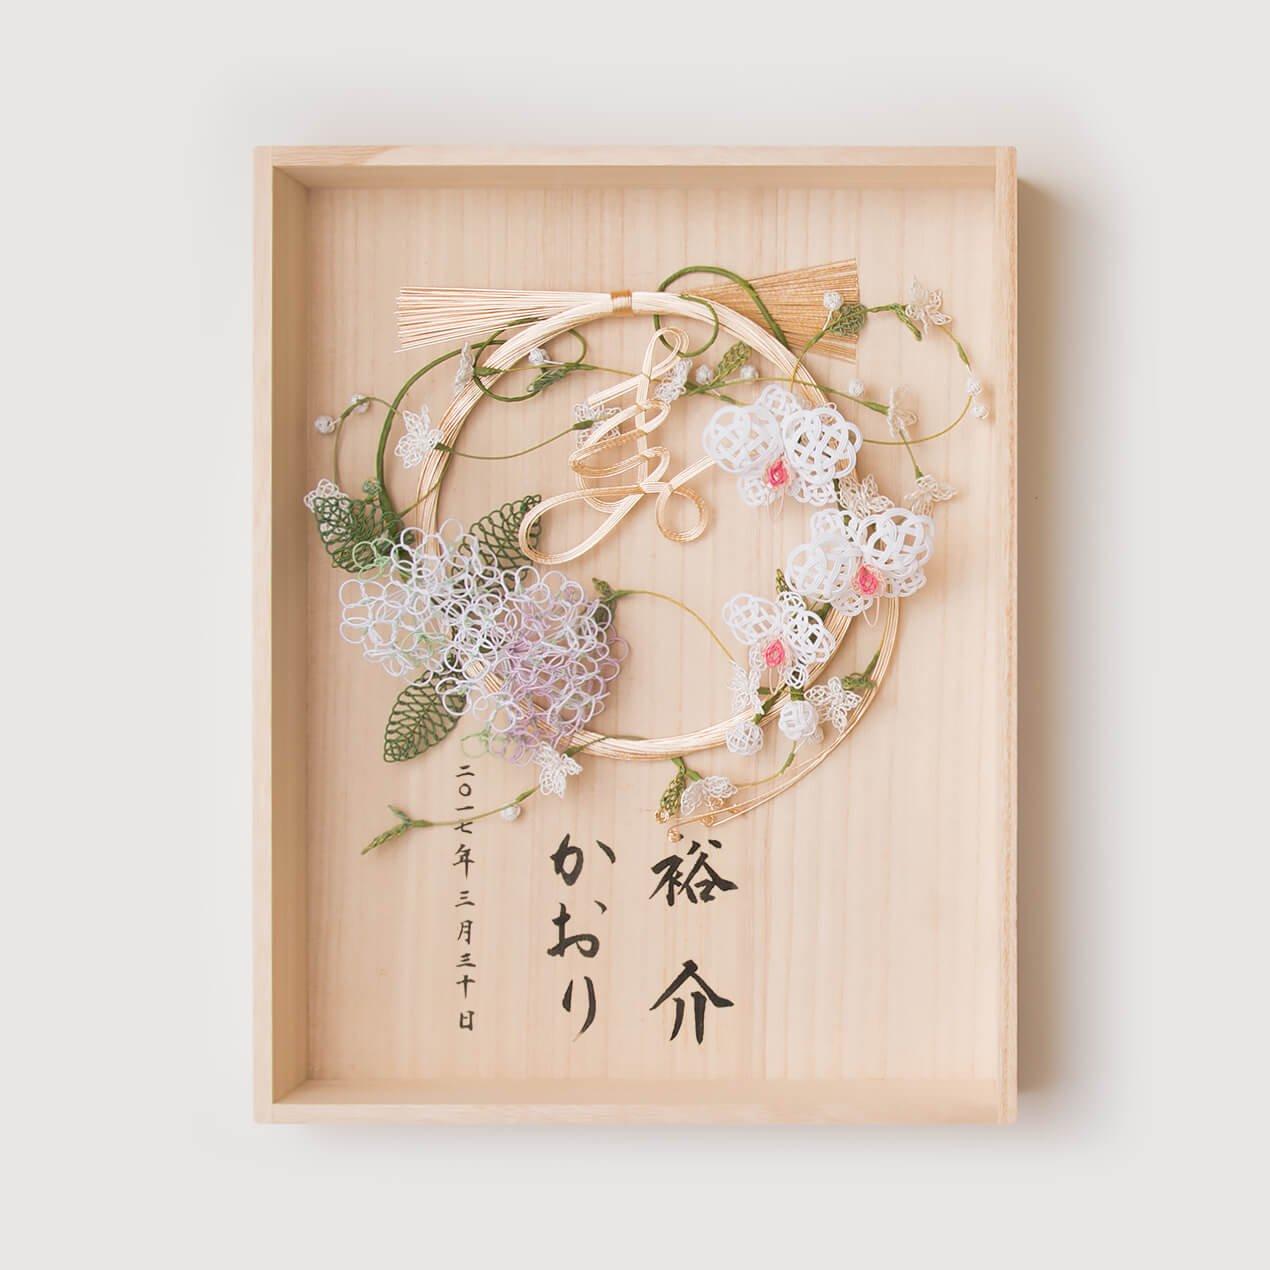 【結婚式の後はインテリアに】水引ウェルカムボード 胡蝶蘭と紫陽花